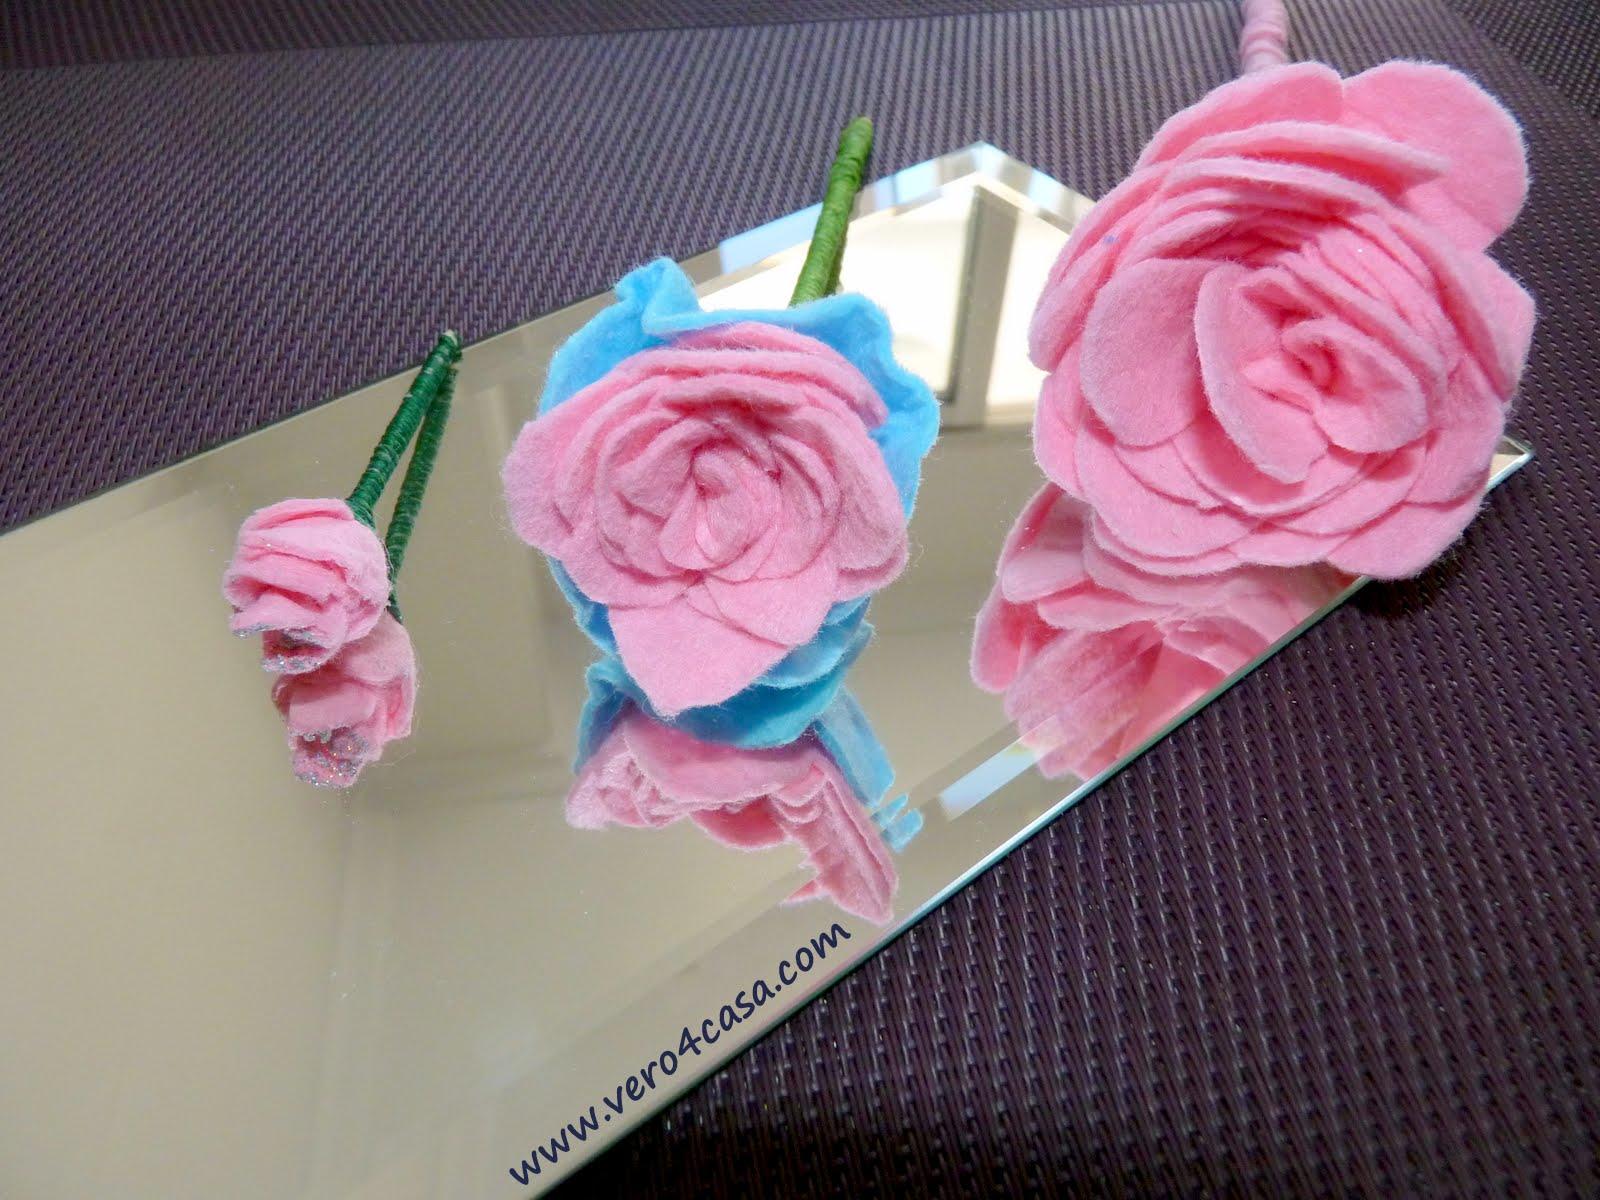 Como hacer una rosa de fieltro paso a paso vero4casa - Manualidades de fieltro paso a paso ...